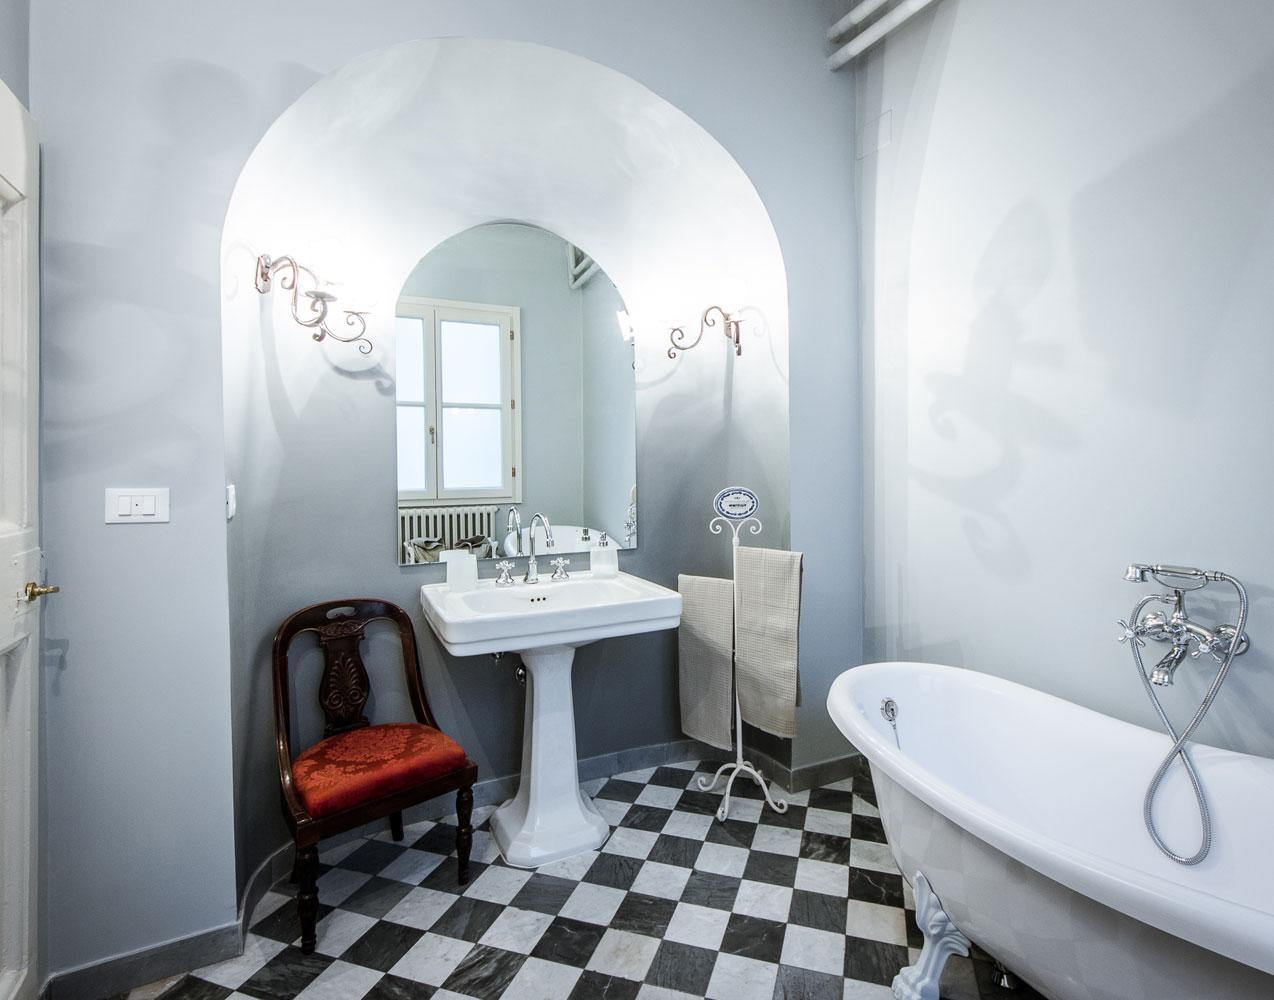 Vasca Da Bagno Con Zampe Di Leone : Staccata di lusso bagno nouveau venezia bianco argento barocco